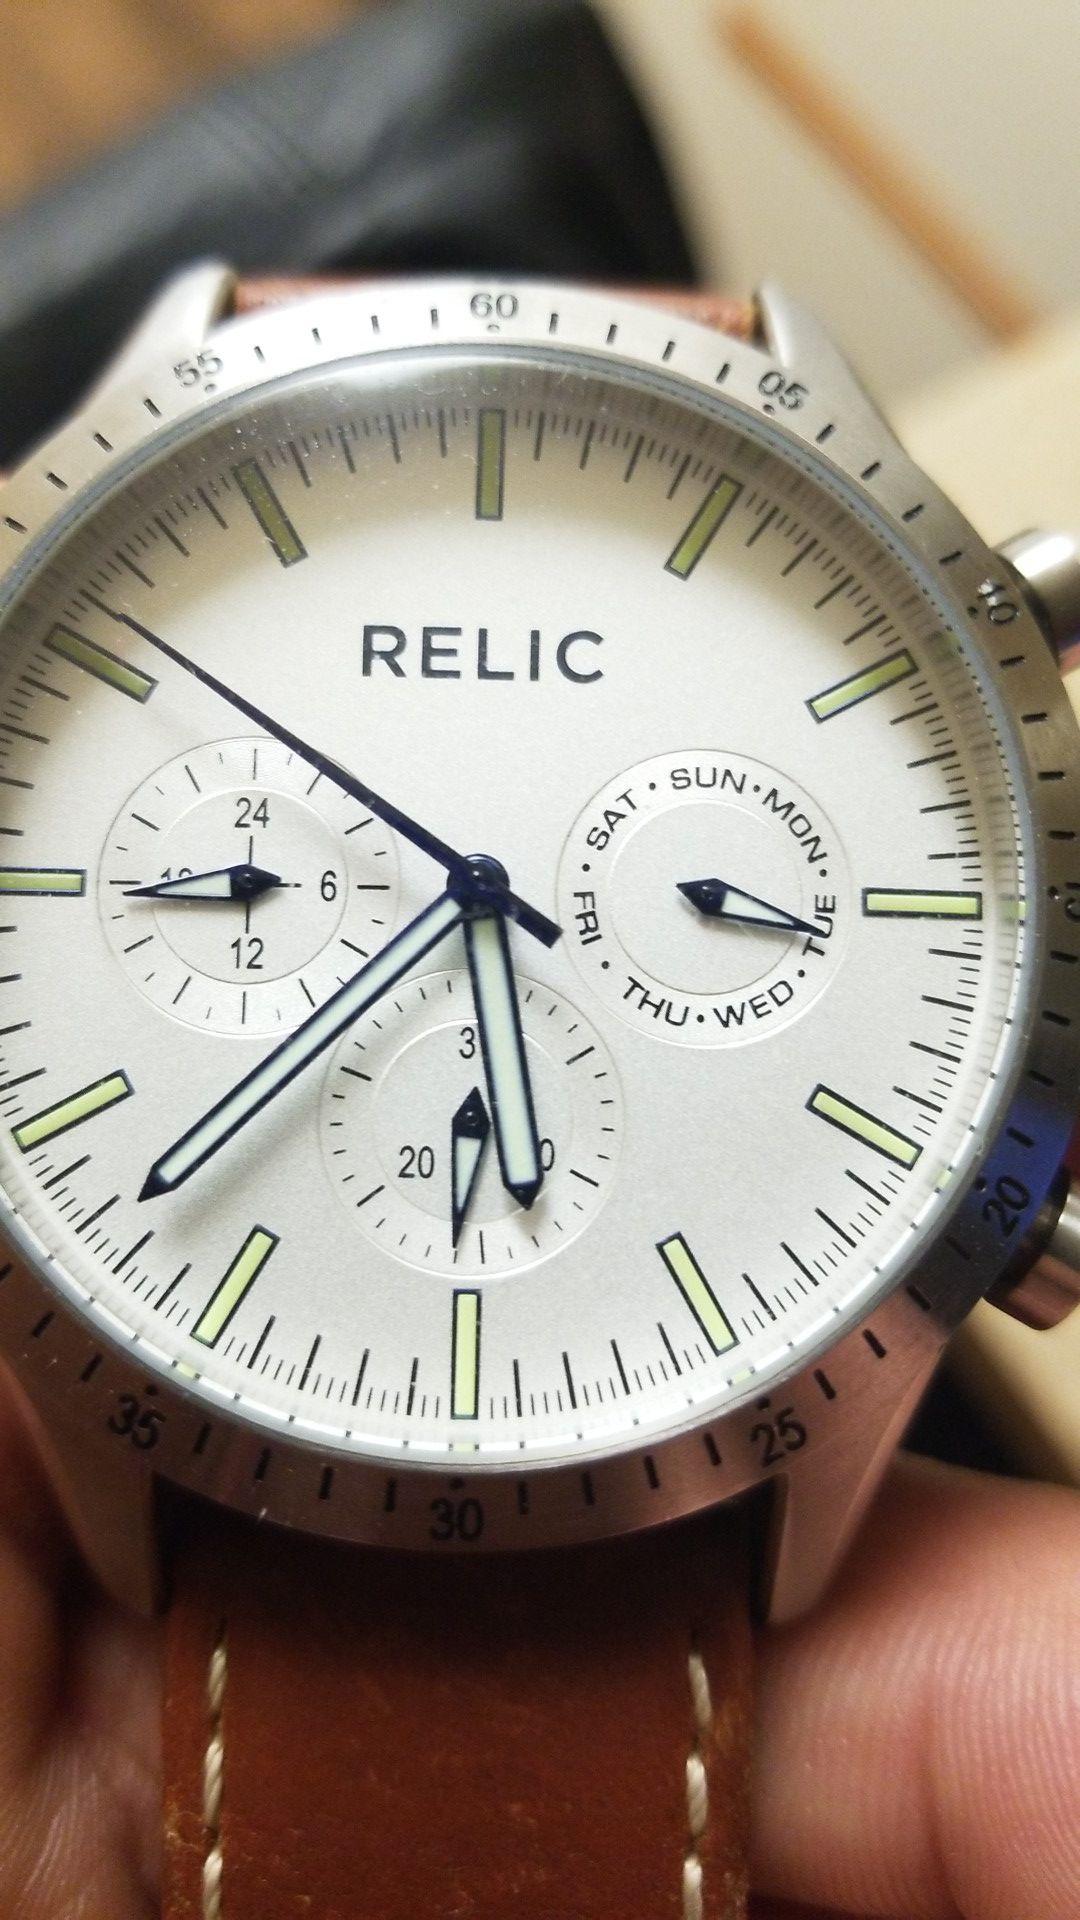 Relic wristwatch